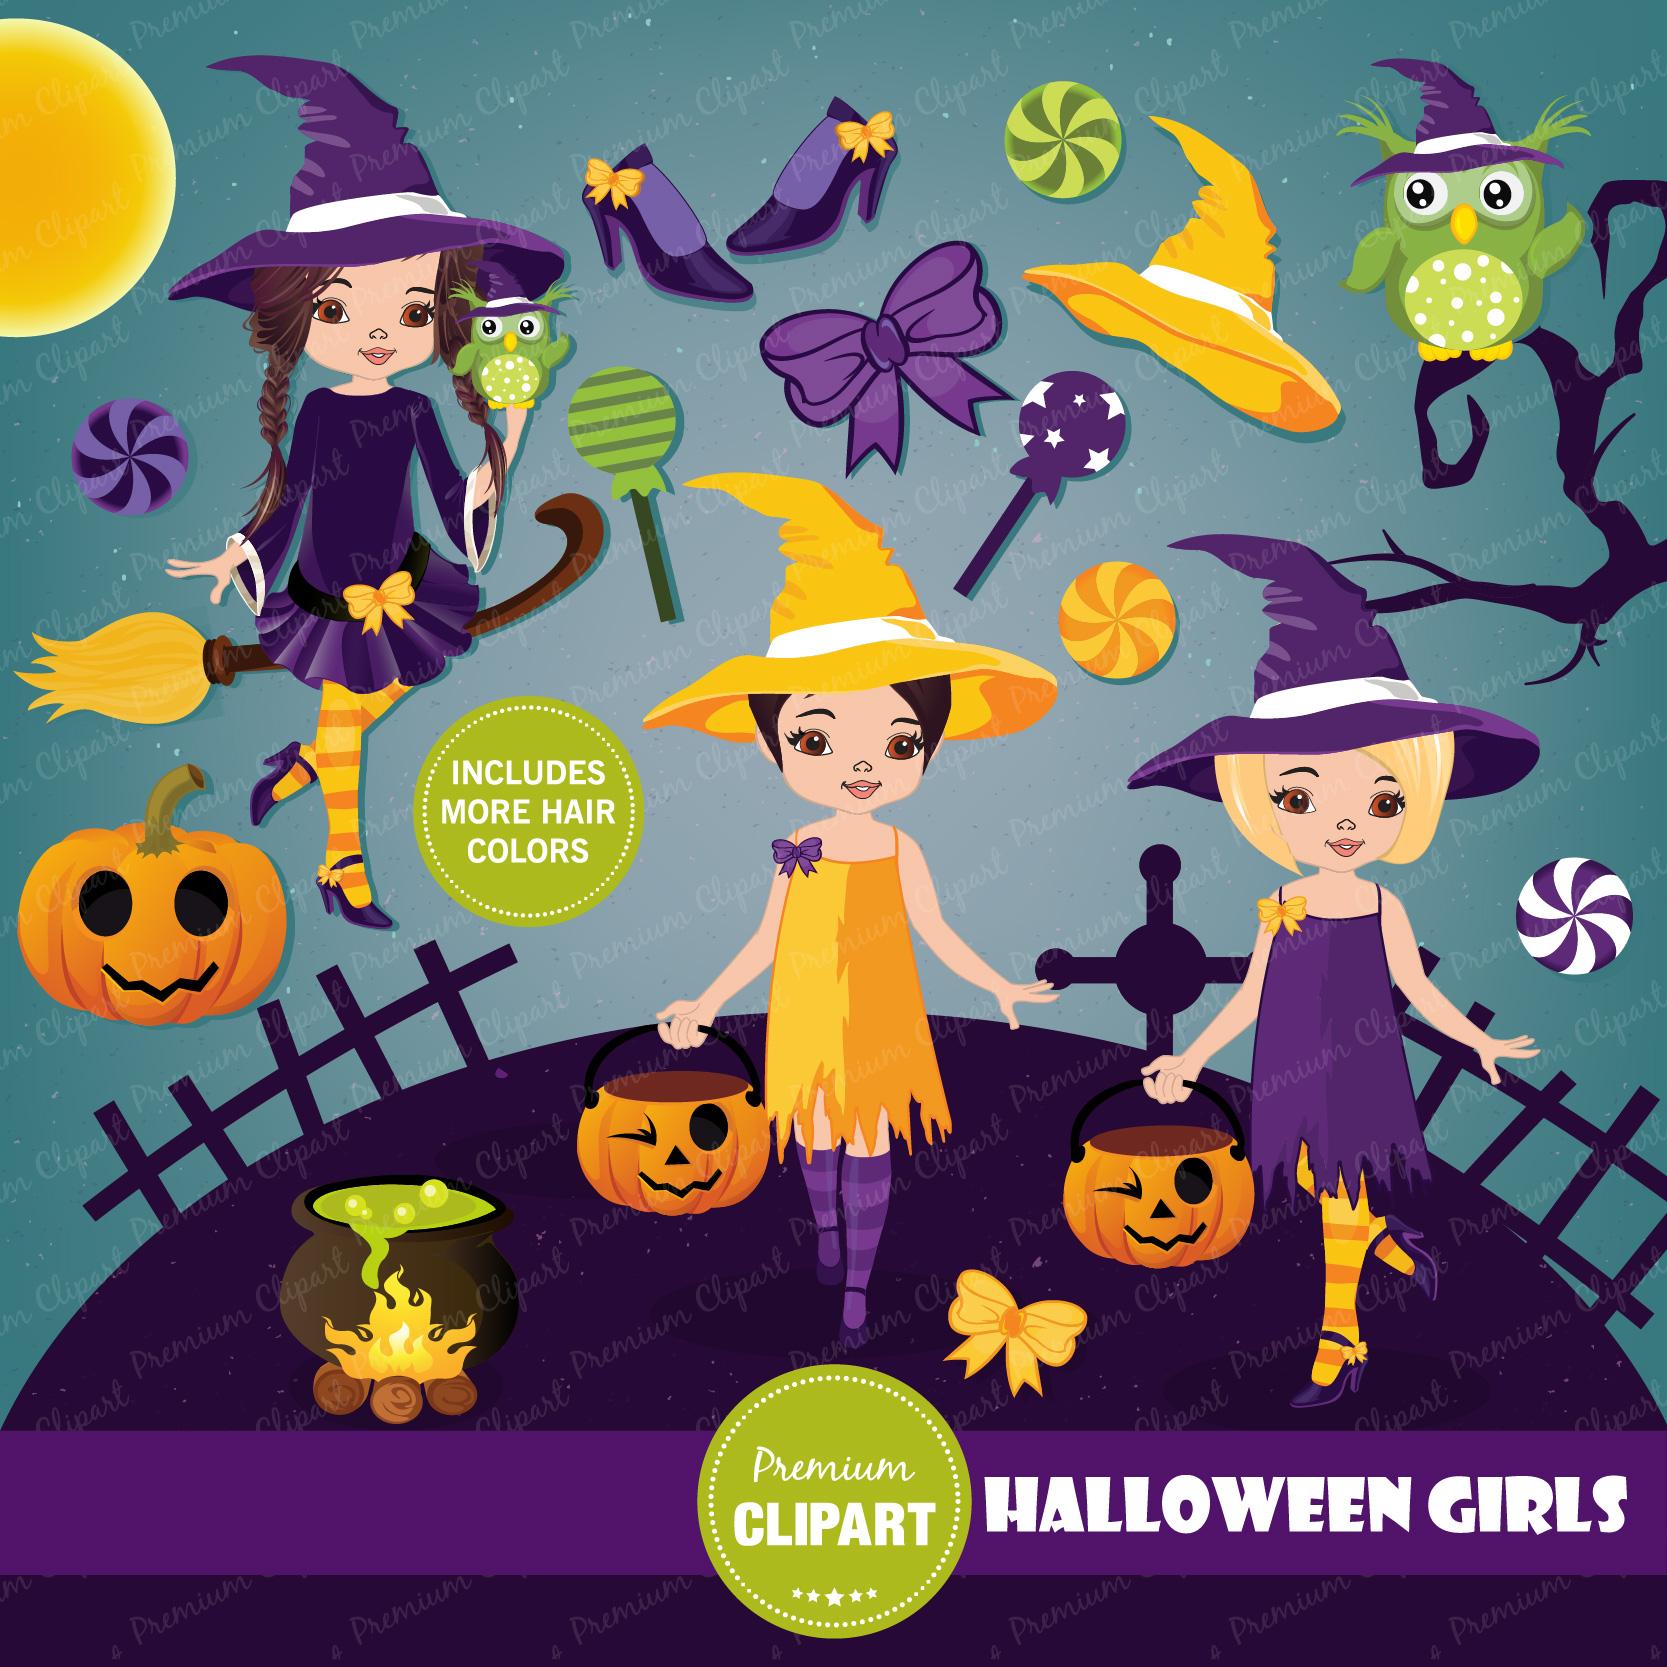 Halloween bundle, Halloween illustrations example image 3